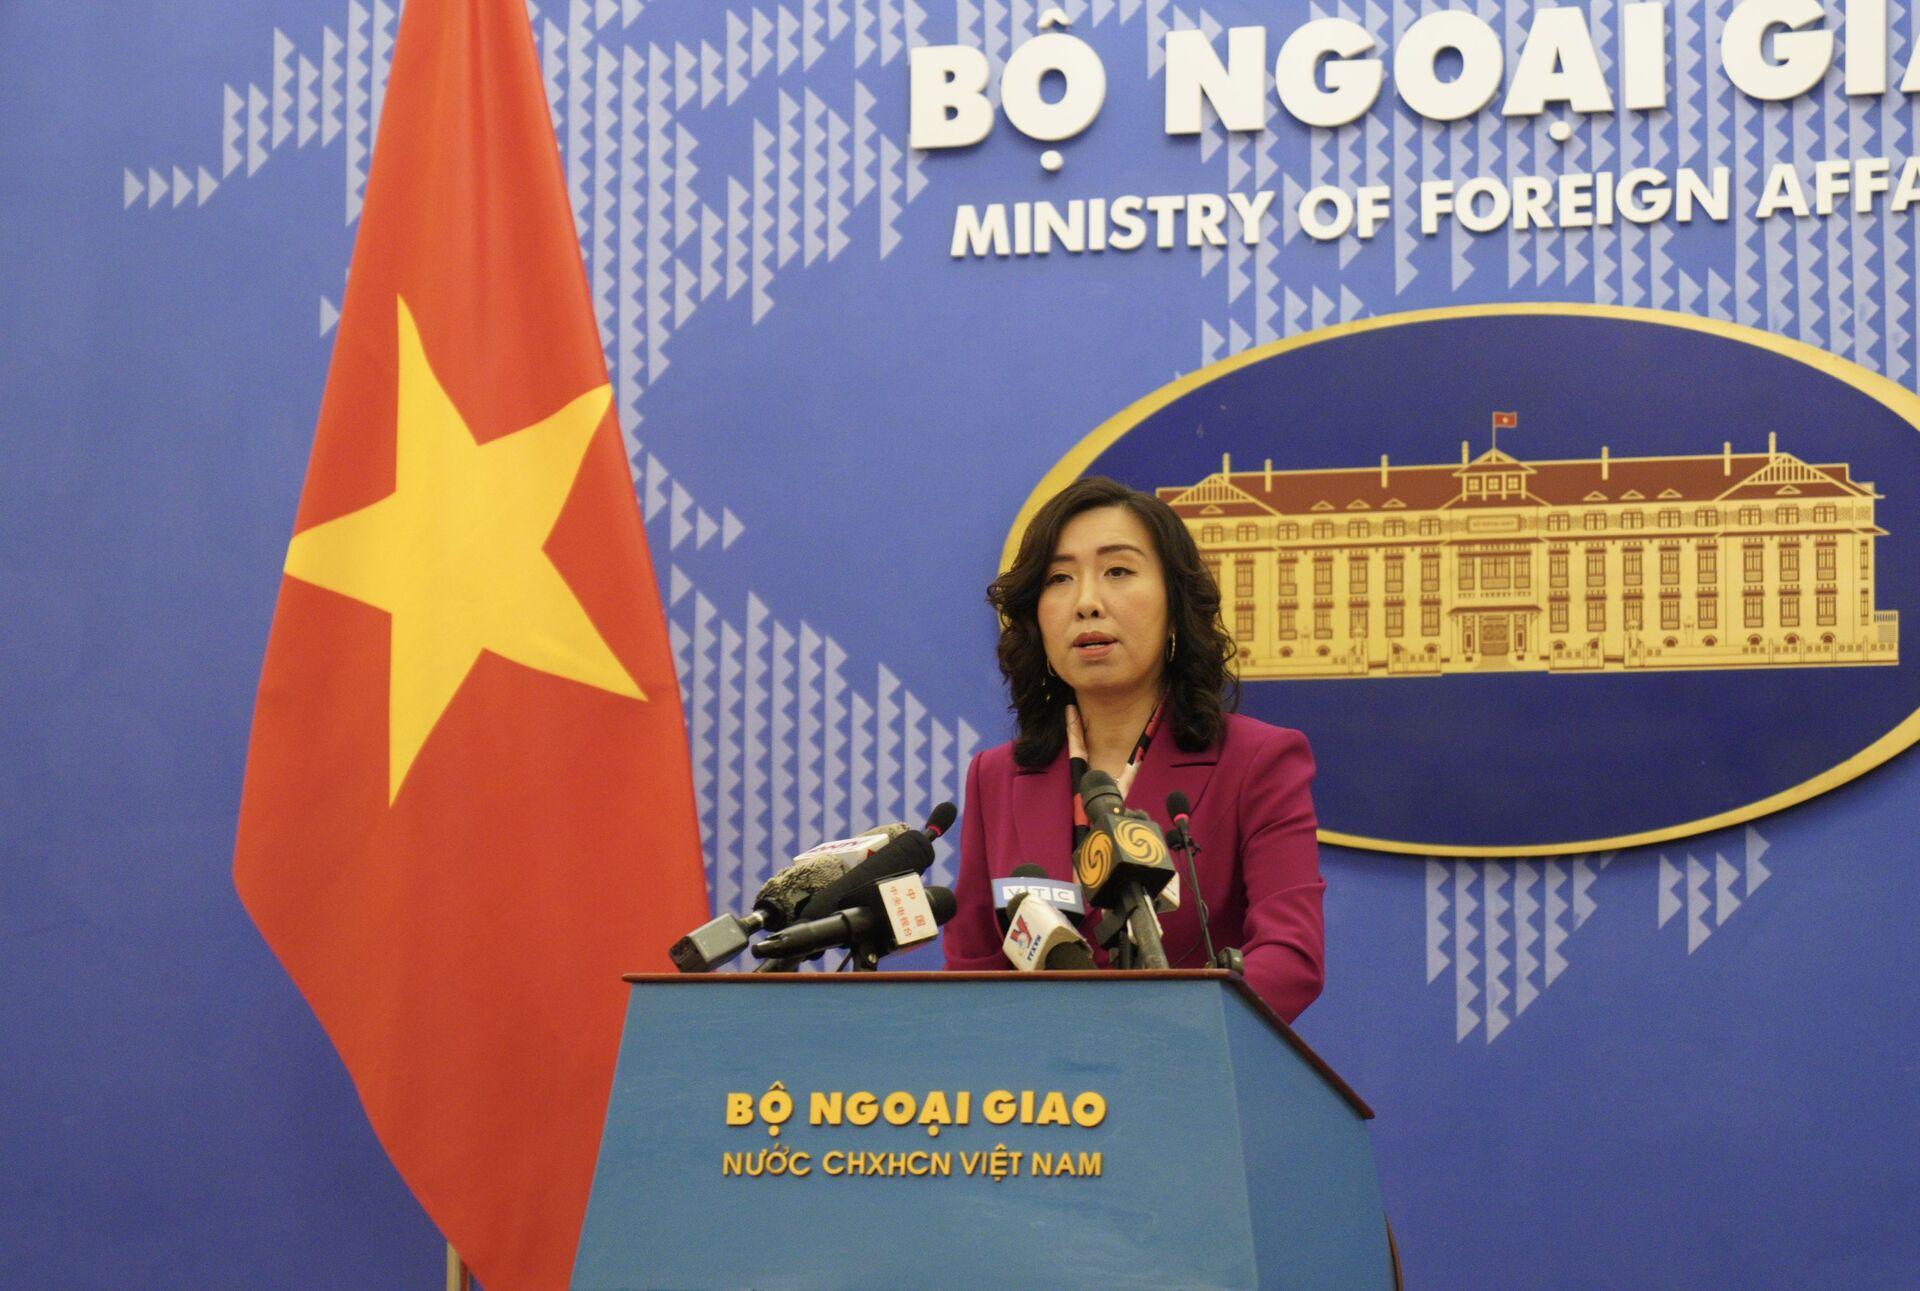 Việt Nam lên tiếng bảo vệ công dân bị kỳ thị do COVID-19 tại Singapore - Sputnik Việt Nam, 1920, 22.07.2021